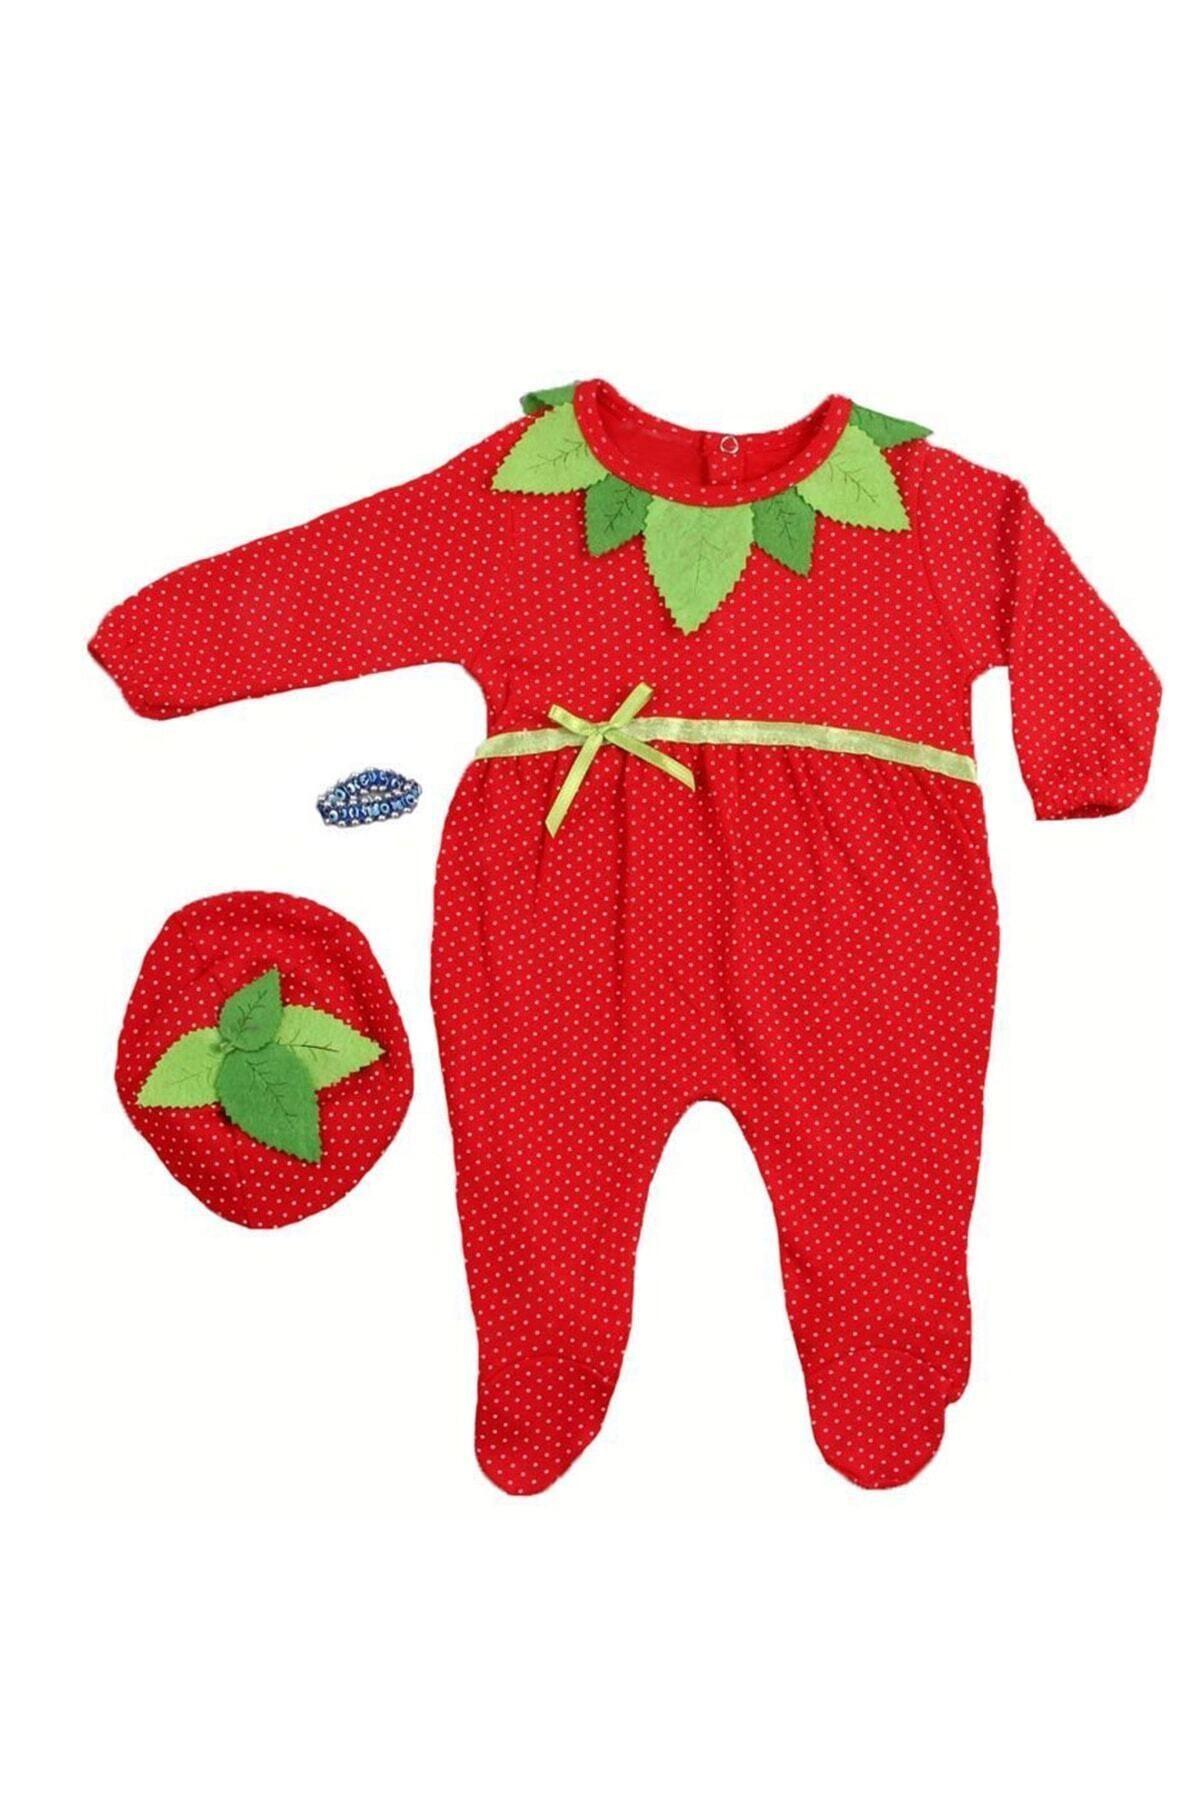 BabyTio 0-6 Ay Kız Bebek Çilek Tulum 3 Lü Set 1